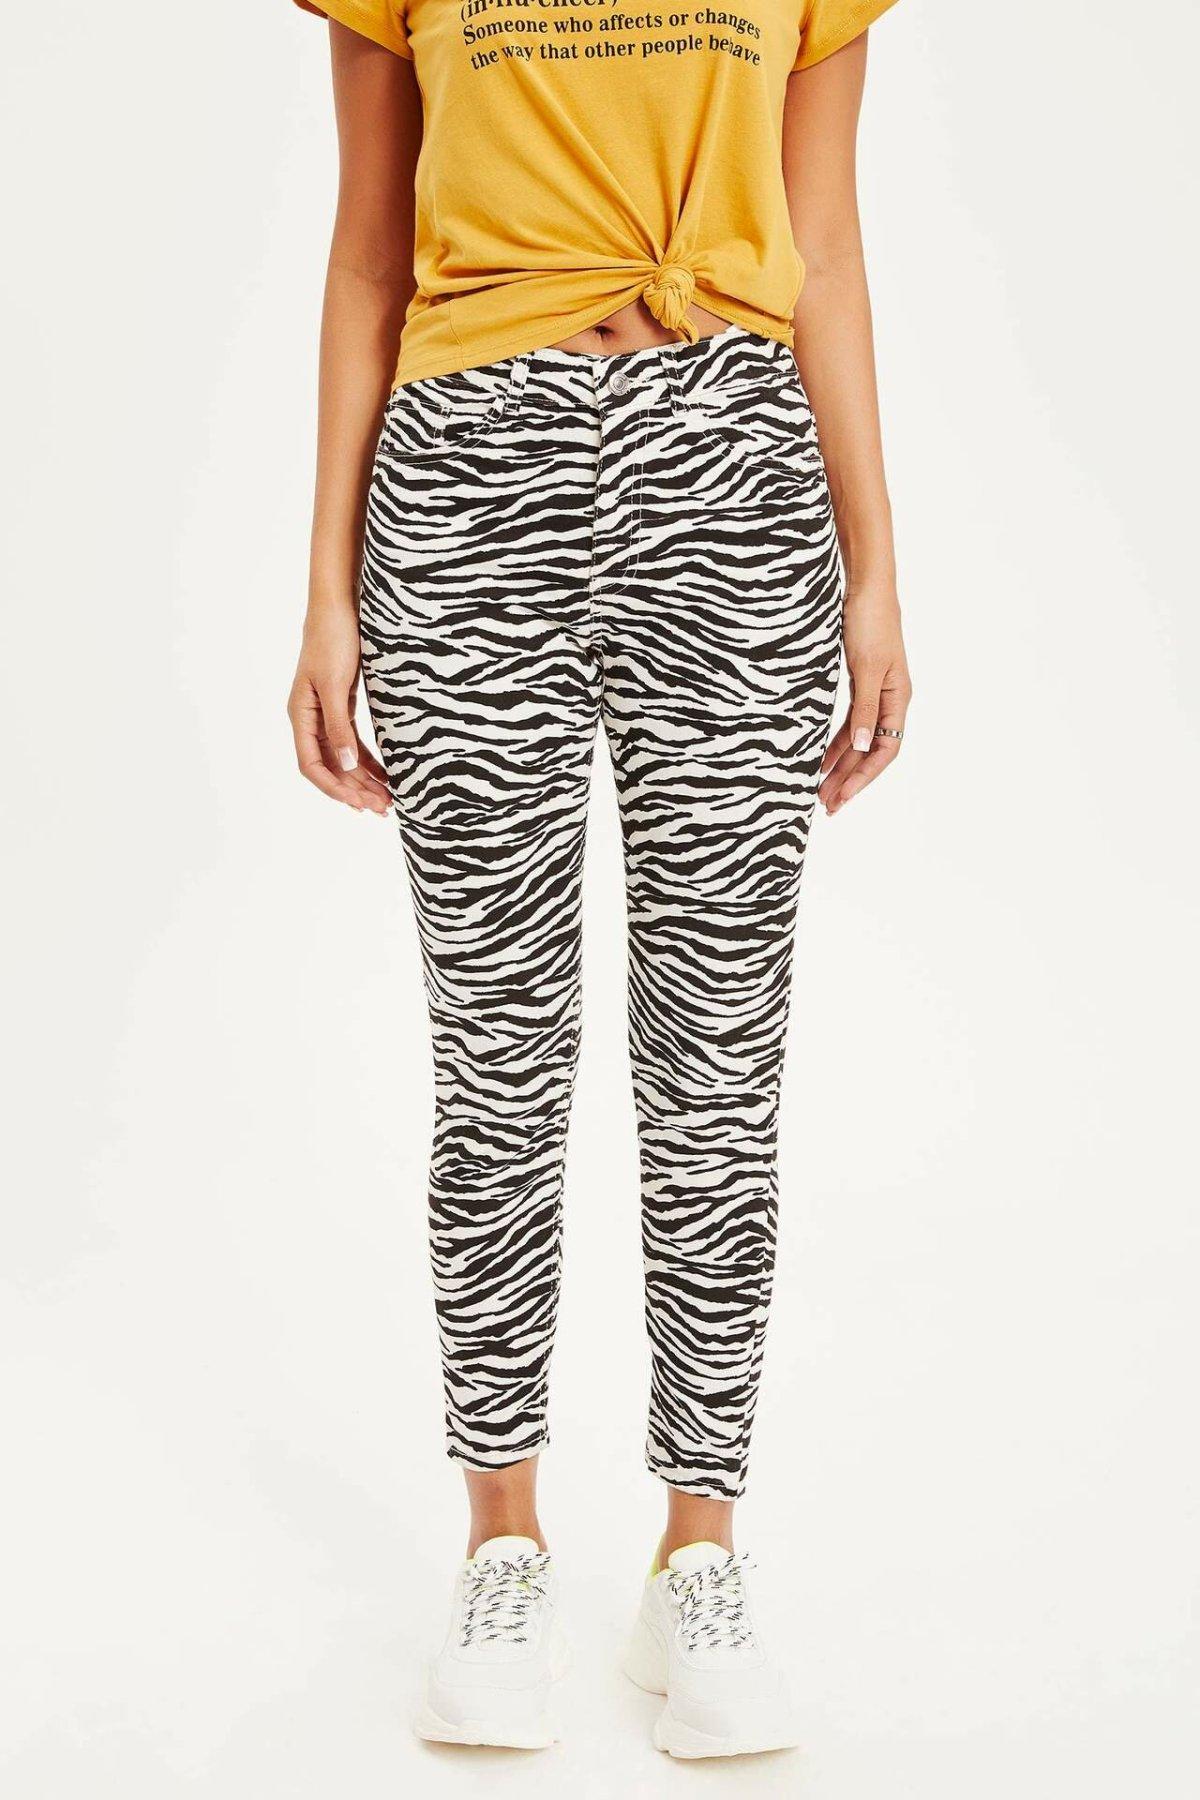 DeFacto Woman Trendy White Black Striped Pencil Pants Women Casual Fit Slim Pants Female Zebra Print Bottom Trousers-K7896AZ19SP